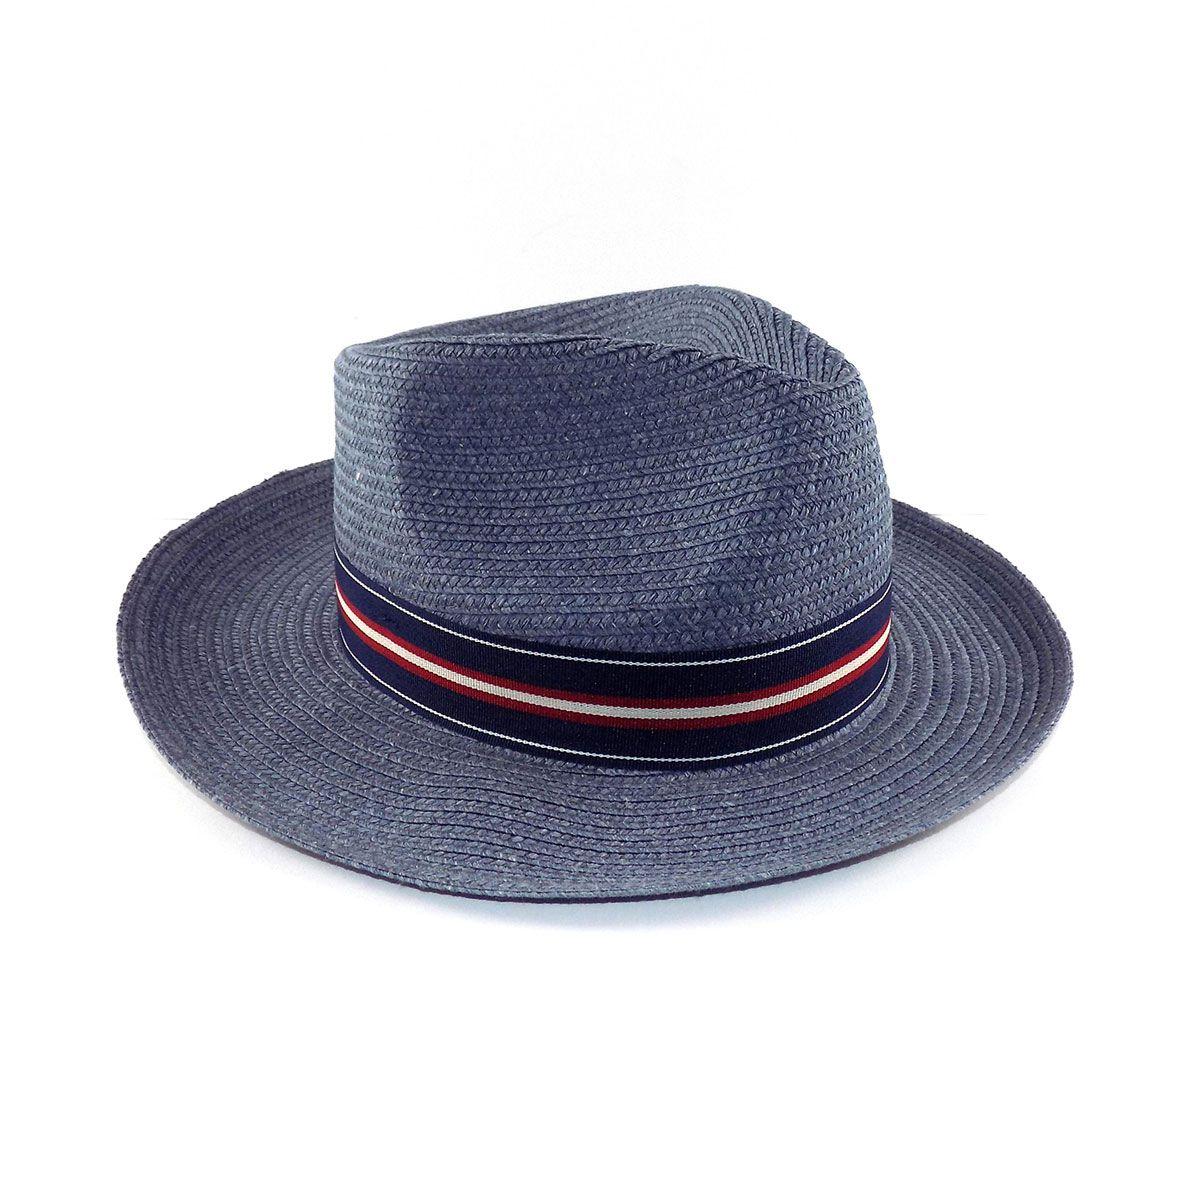 Chapéu Rio Branco Fedora Social Proteção UV - Jeans